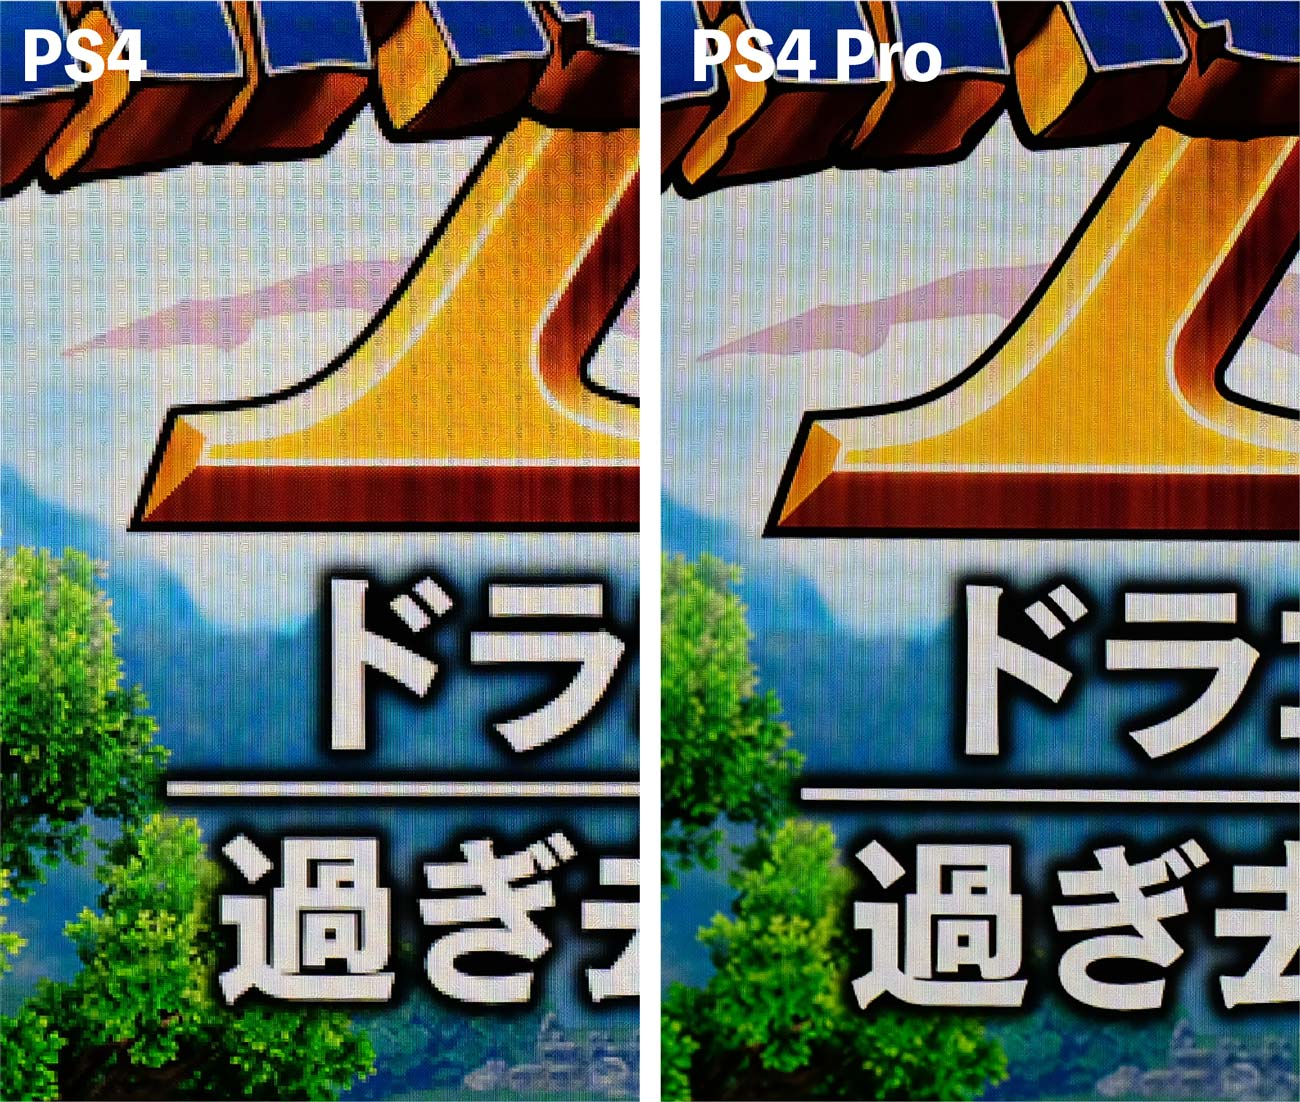 ドラクエ11 PS4 vs PS4 Pro 4K画質1